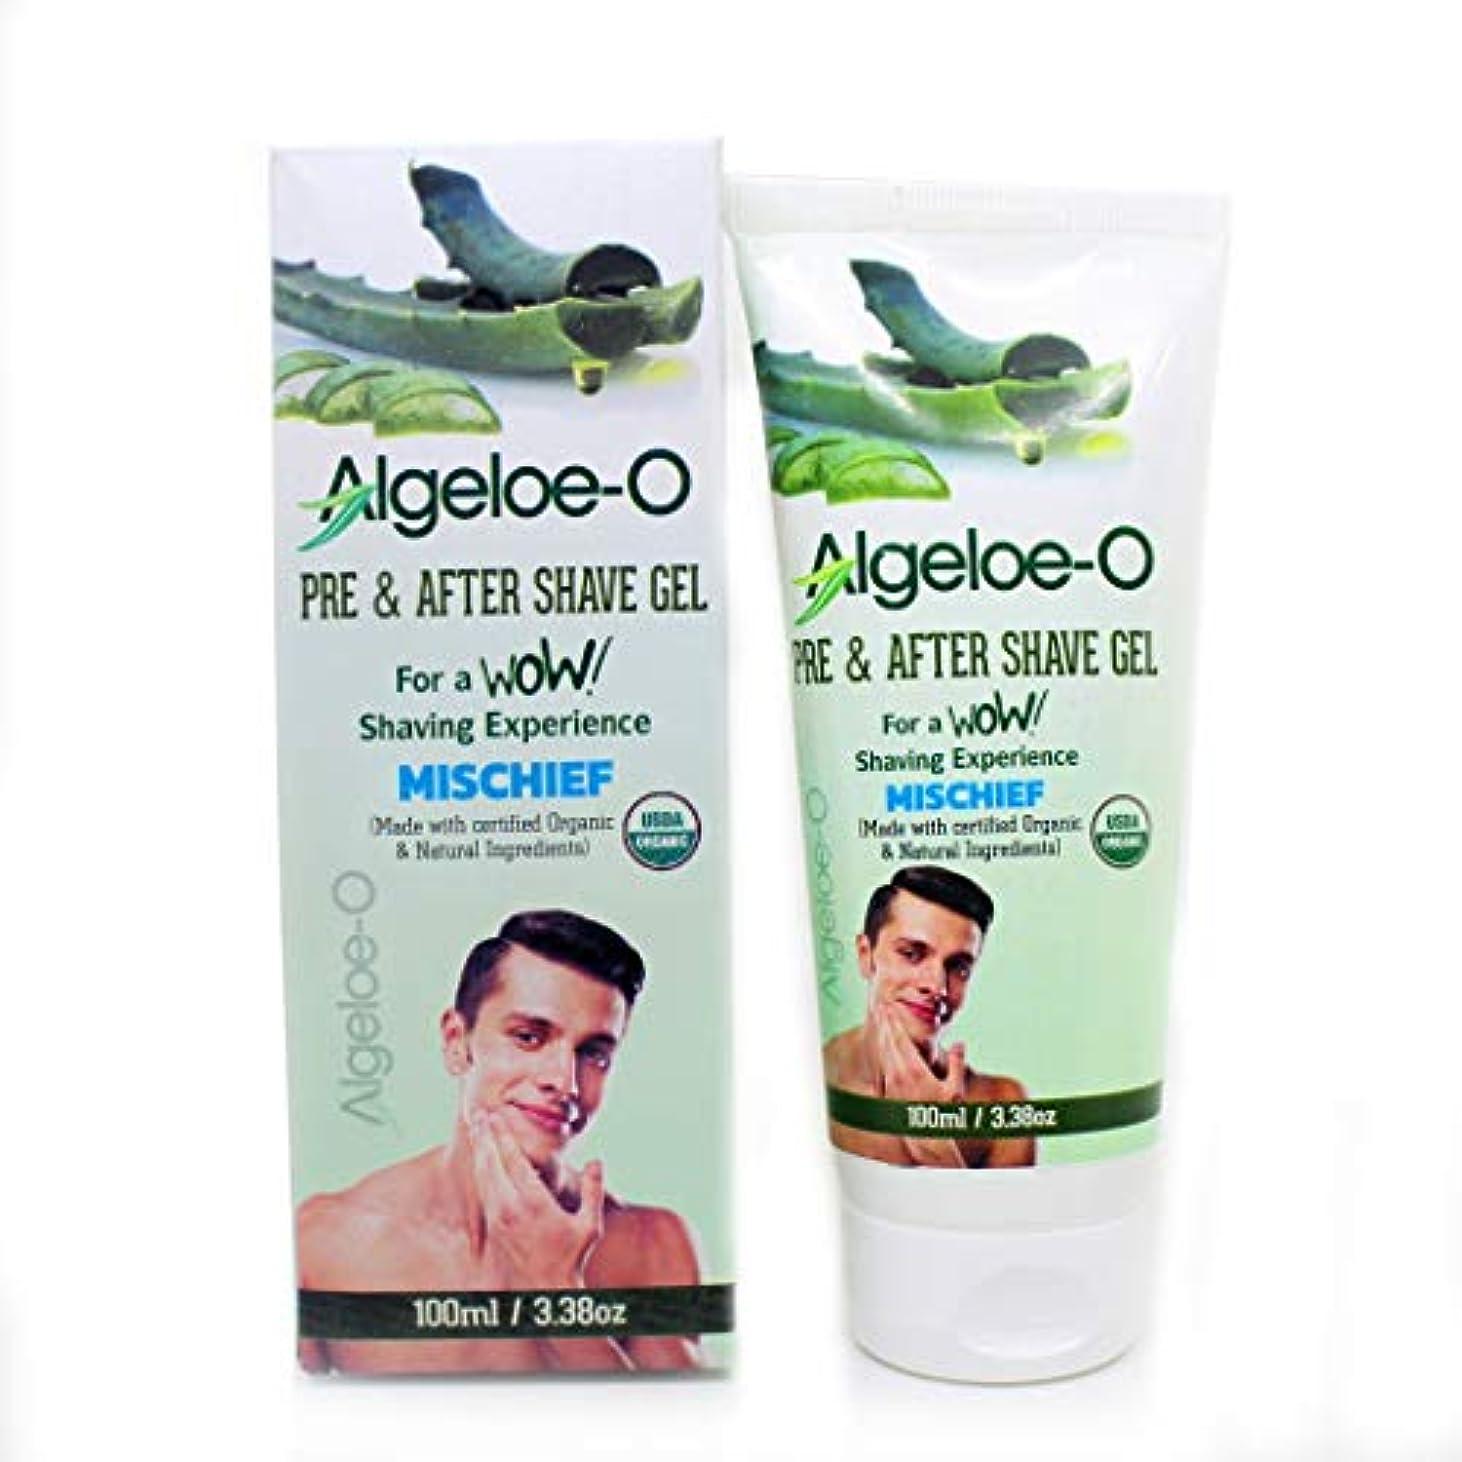 ロンドン遅い性的Aloevera Pre And After Shave Gel - Algeloe O Made With Certified USDA Organic And Natural Ingredients - Mischief...